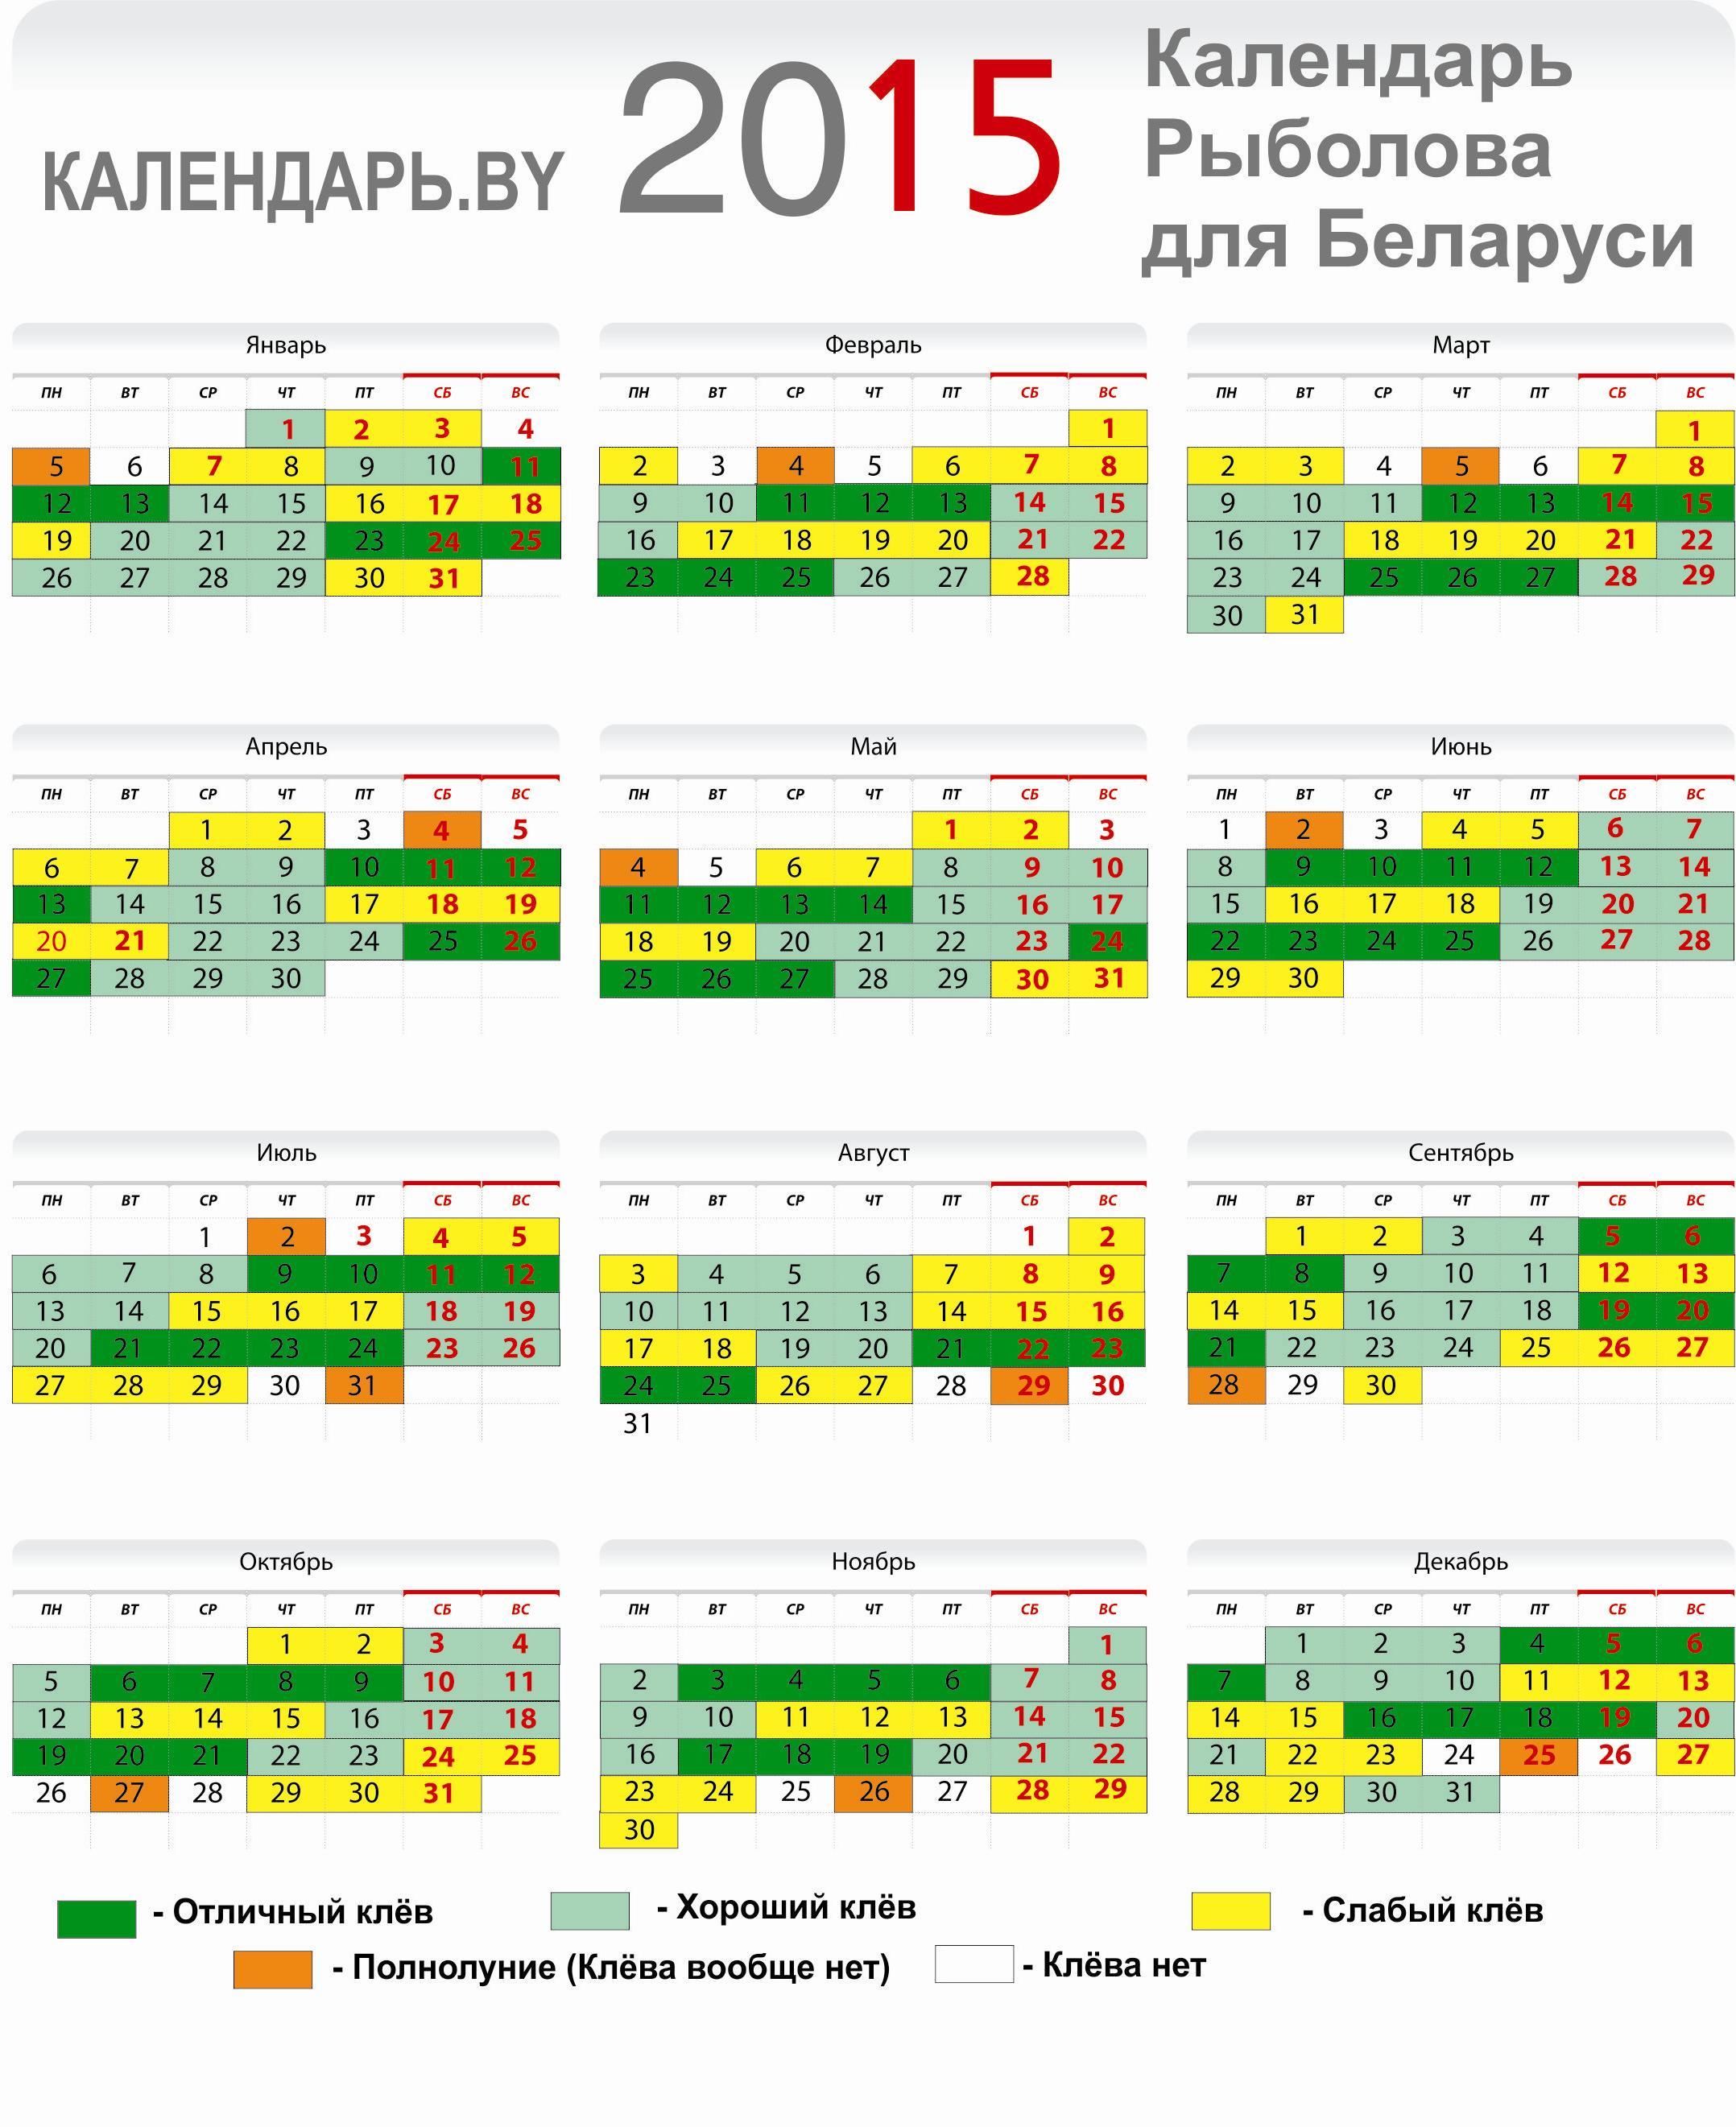 Лунный календарь рыбака на 2015 год